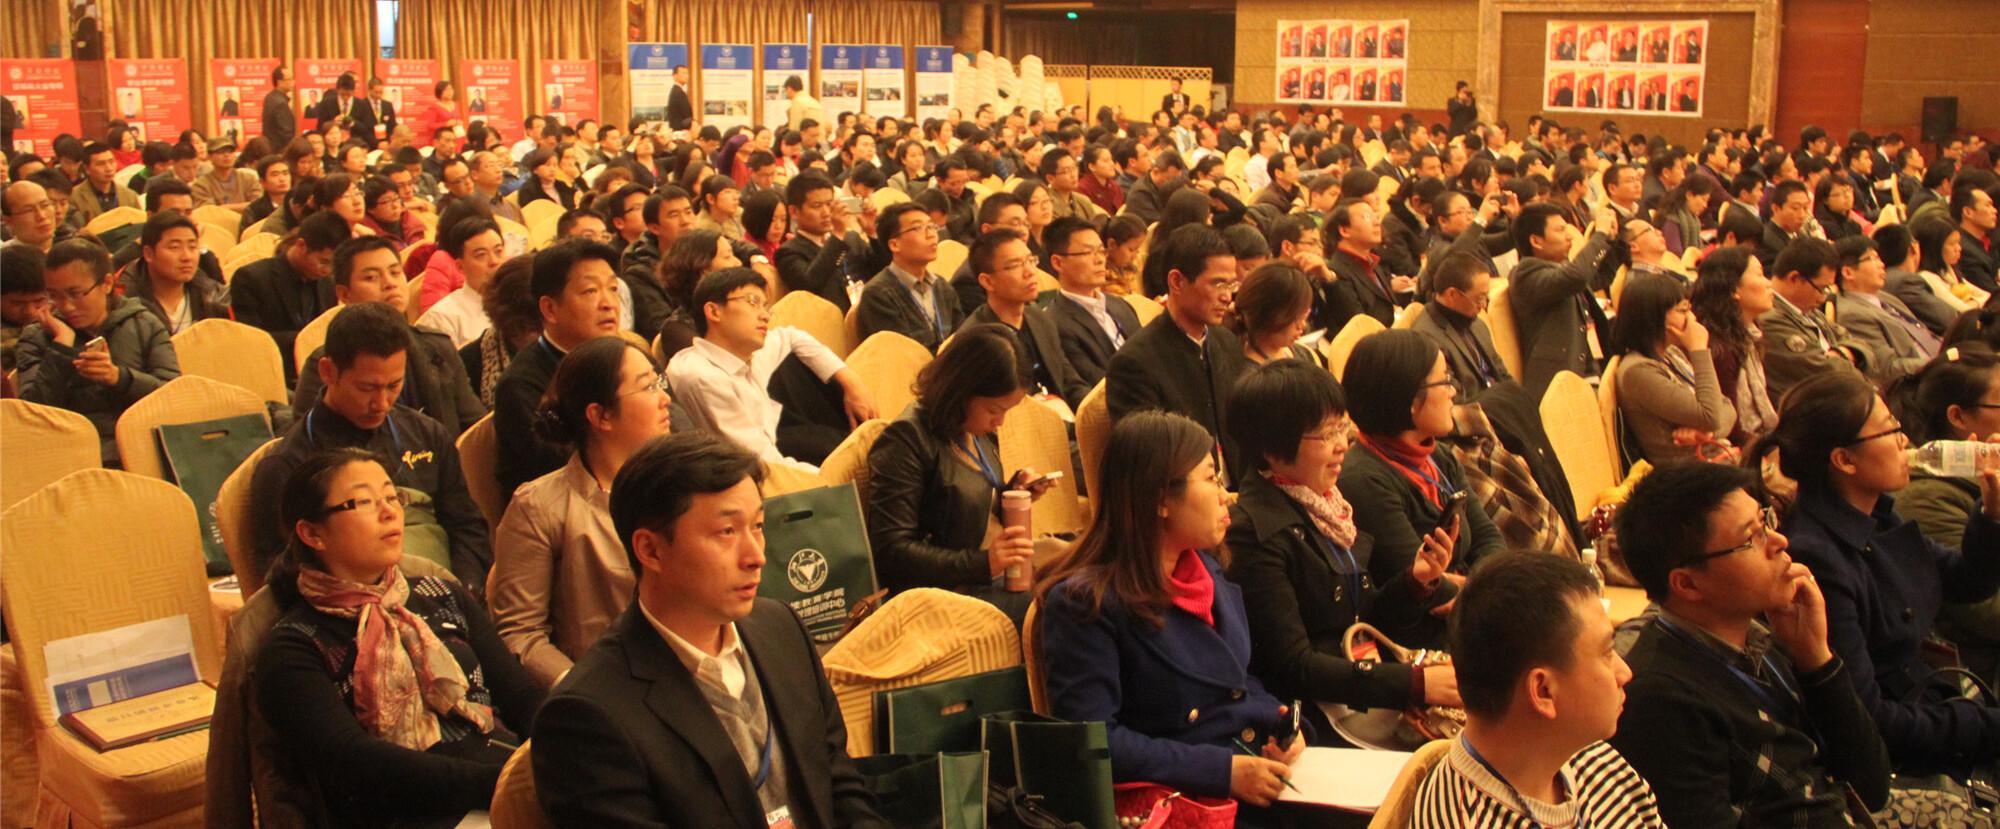 2012年 第1届培博会